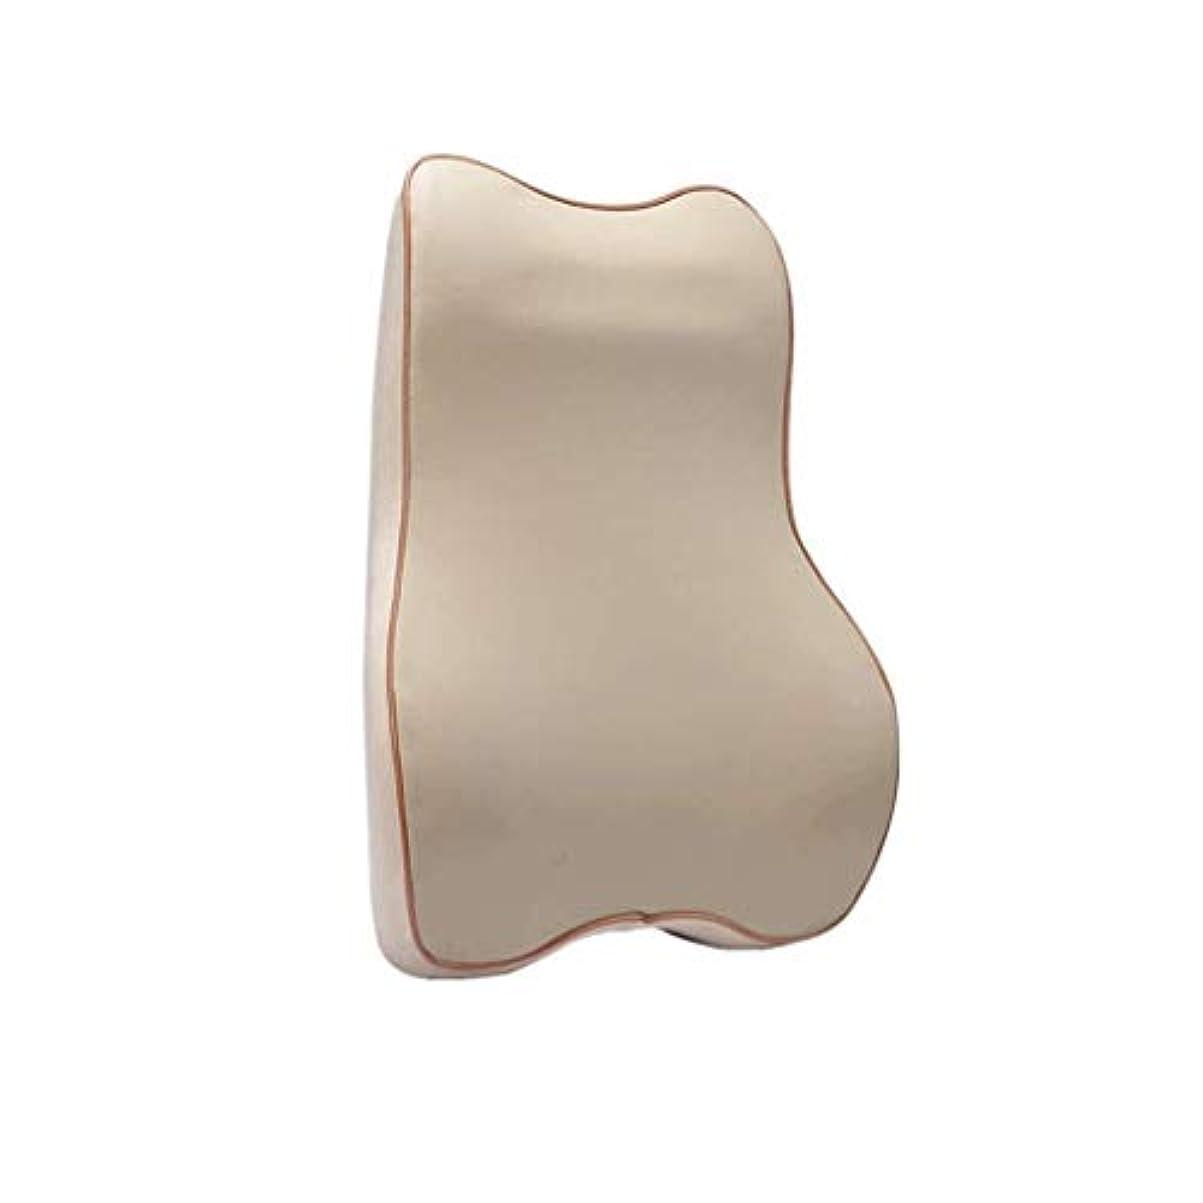 火炎ベリバンケット腰椎枕 - 姿勢療法ウエストクッション - 低反発フォーム、人間工学に基づいたオフィスチェア車とトラベルバックサポート枕を使用して、上下の腰痛を緩和し、予防します (Color : Beige)